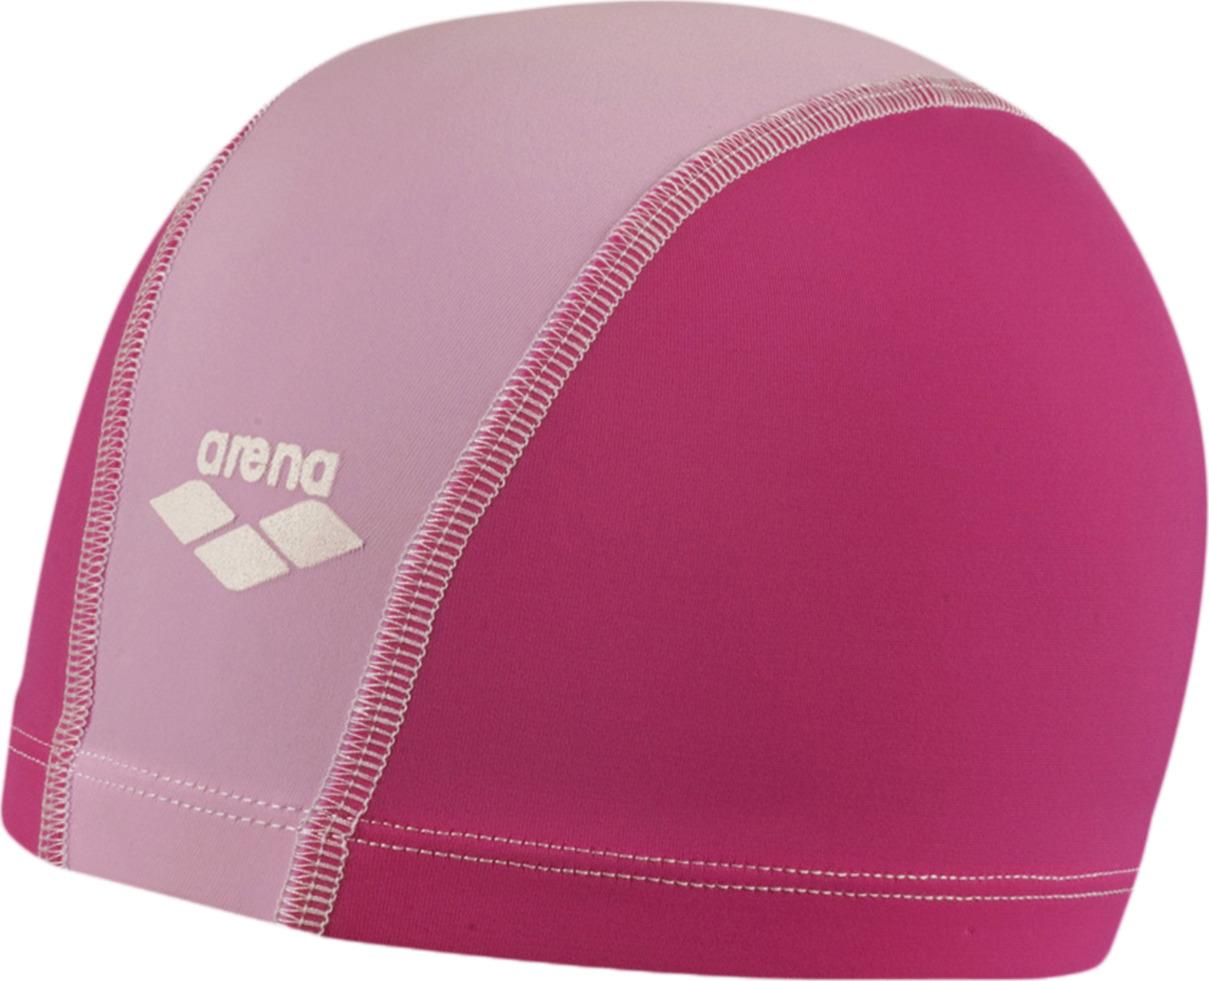 Шапочка для плавания детская Arena Unix Jr, цвет: розовый, белый. 91279 25 шапочка для плавания детская arena unix jr цвет красный 91279 40